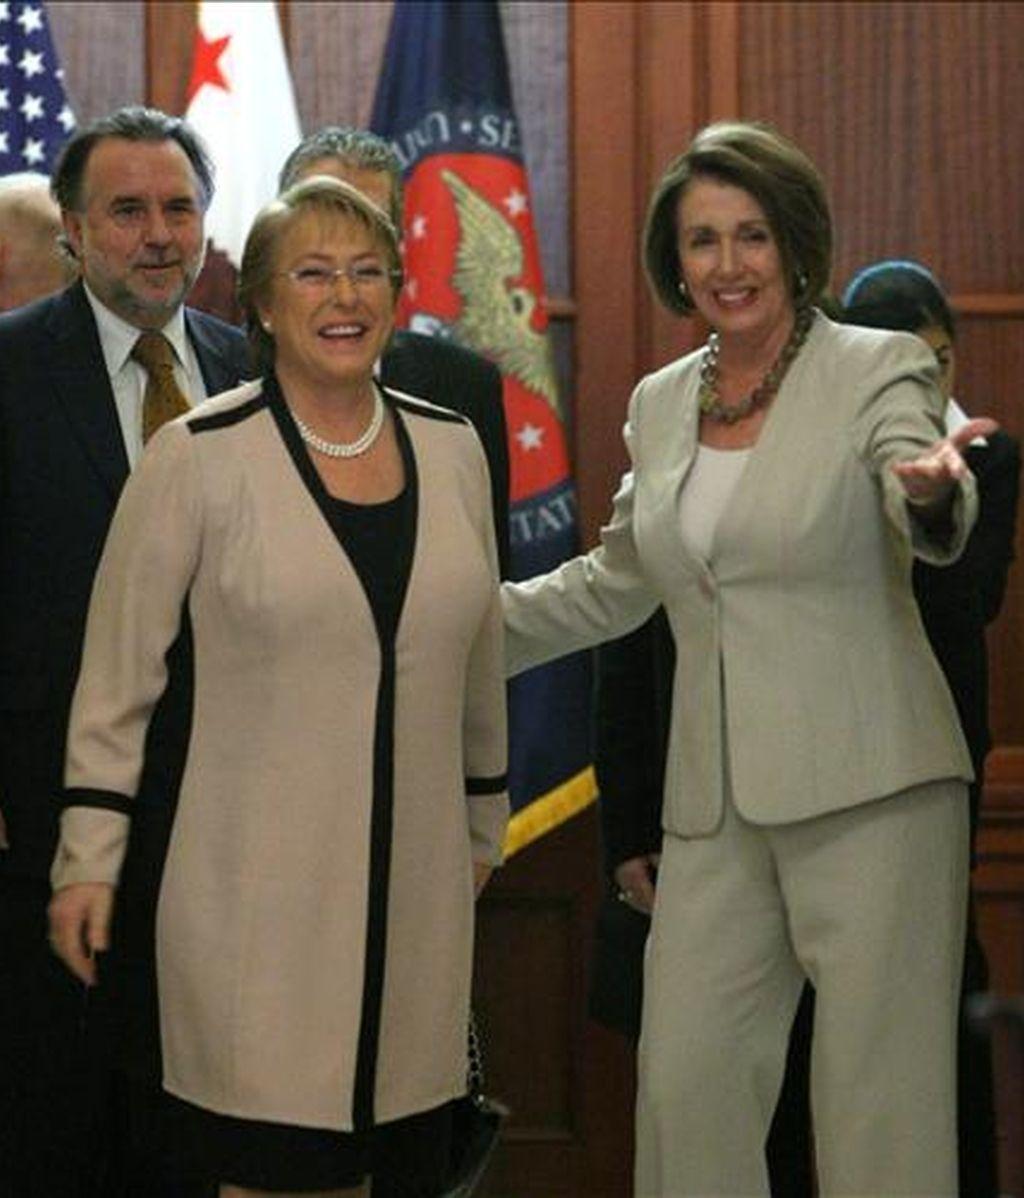 La presidenta de Chile, Michelle Bachelet, camina junto a la presidenta de la Cámara de Representantes de Estados Unidos, Nancy Pelosi, en Colina de Capitolio en Washington D.C. (EEUU). EFE